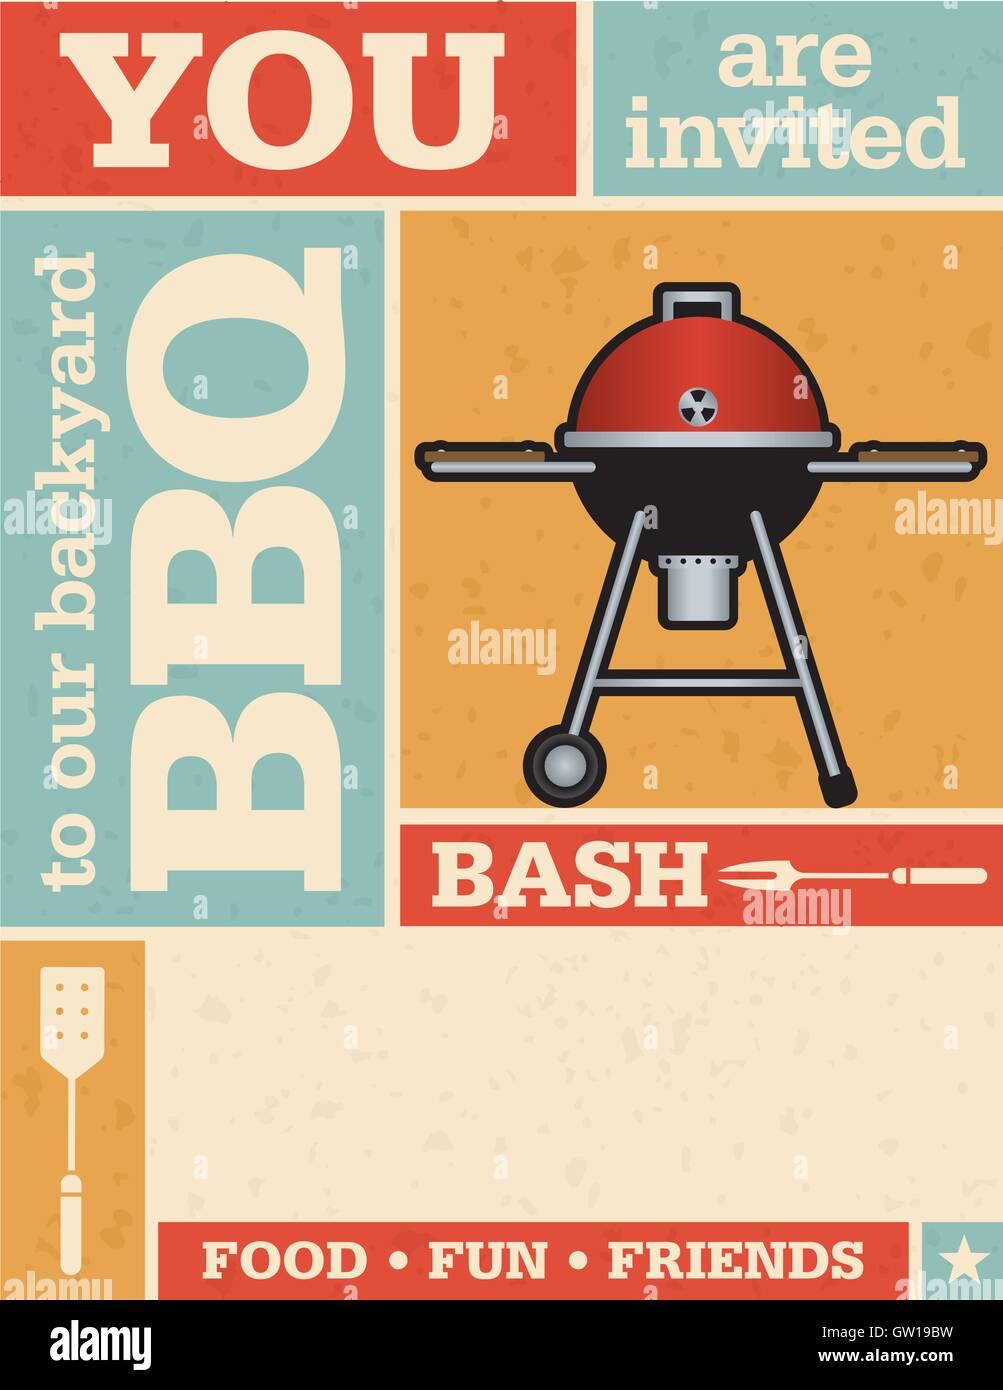 retro grunge backyard barbecue invitation template easy to edit